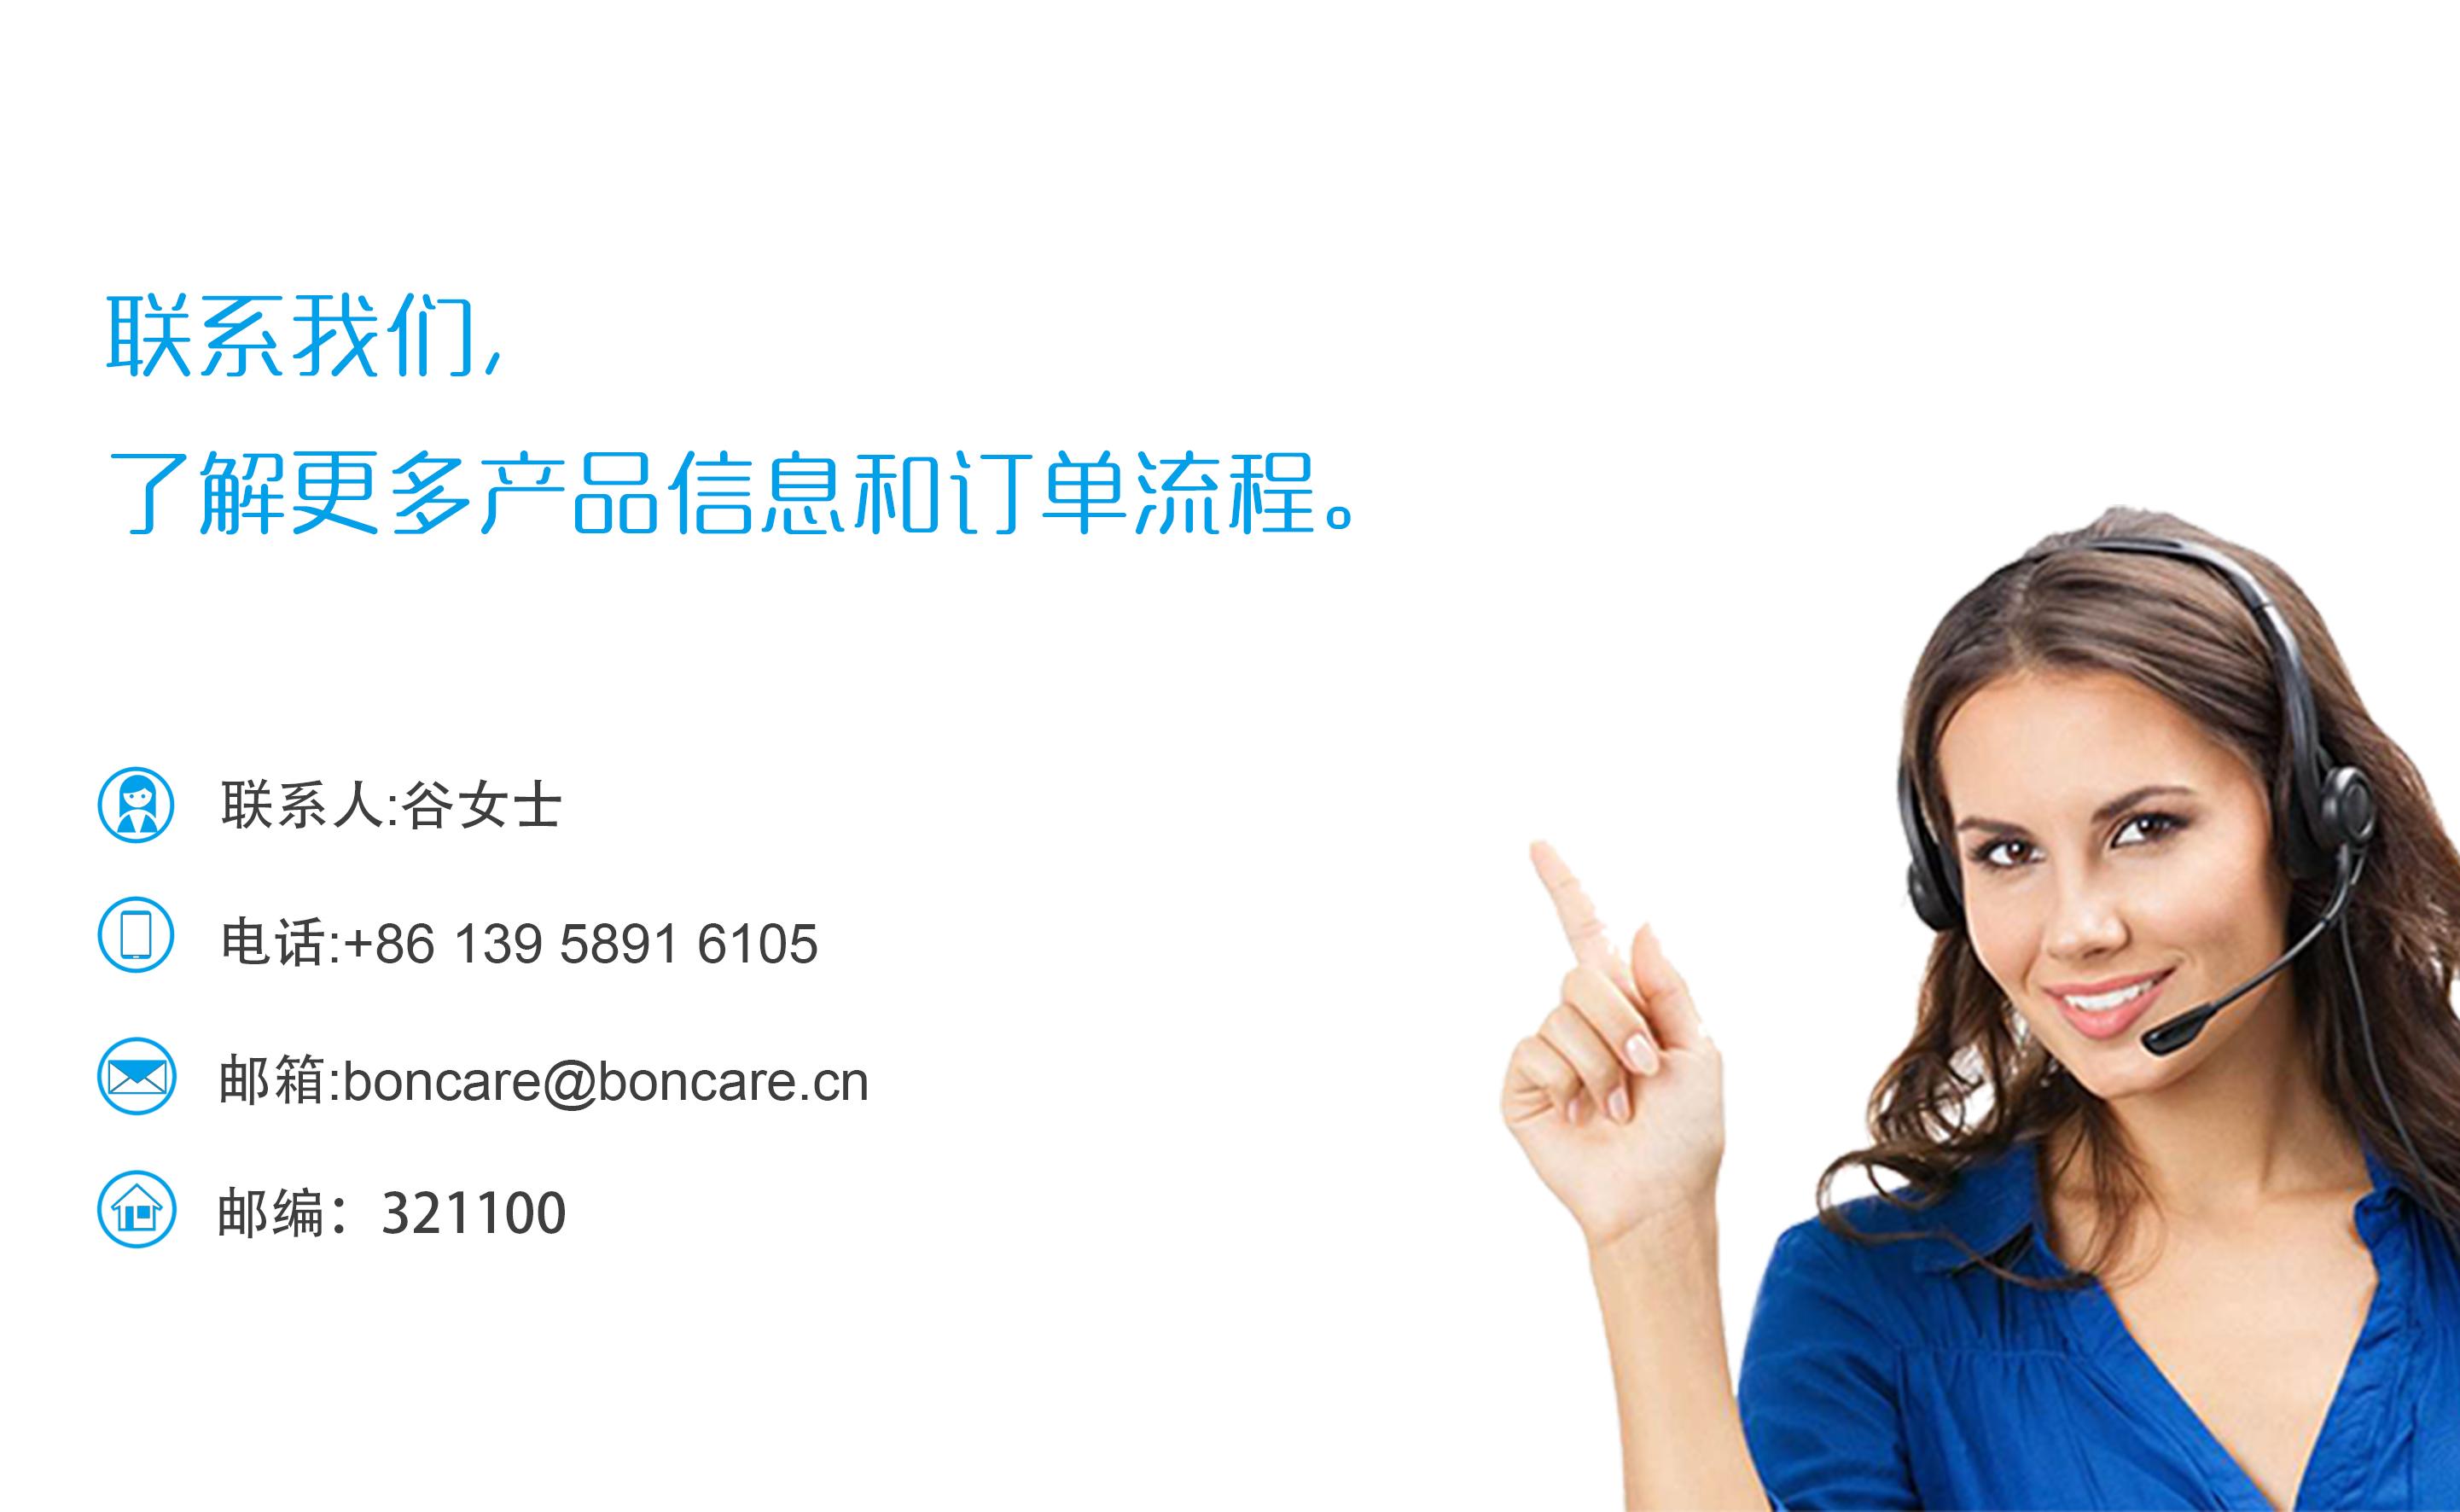 中文網站聯系我們